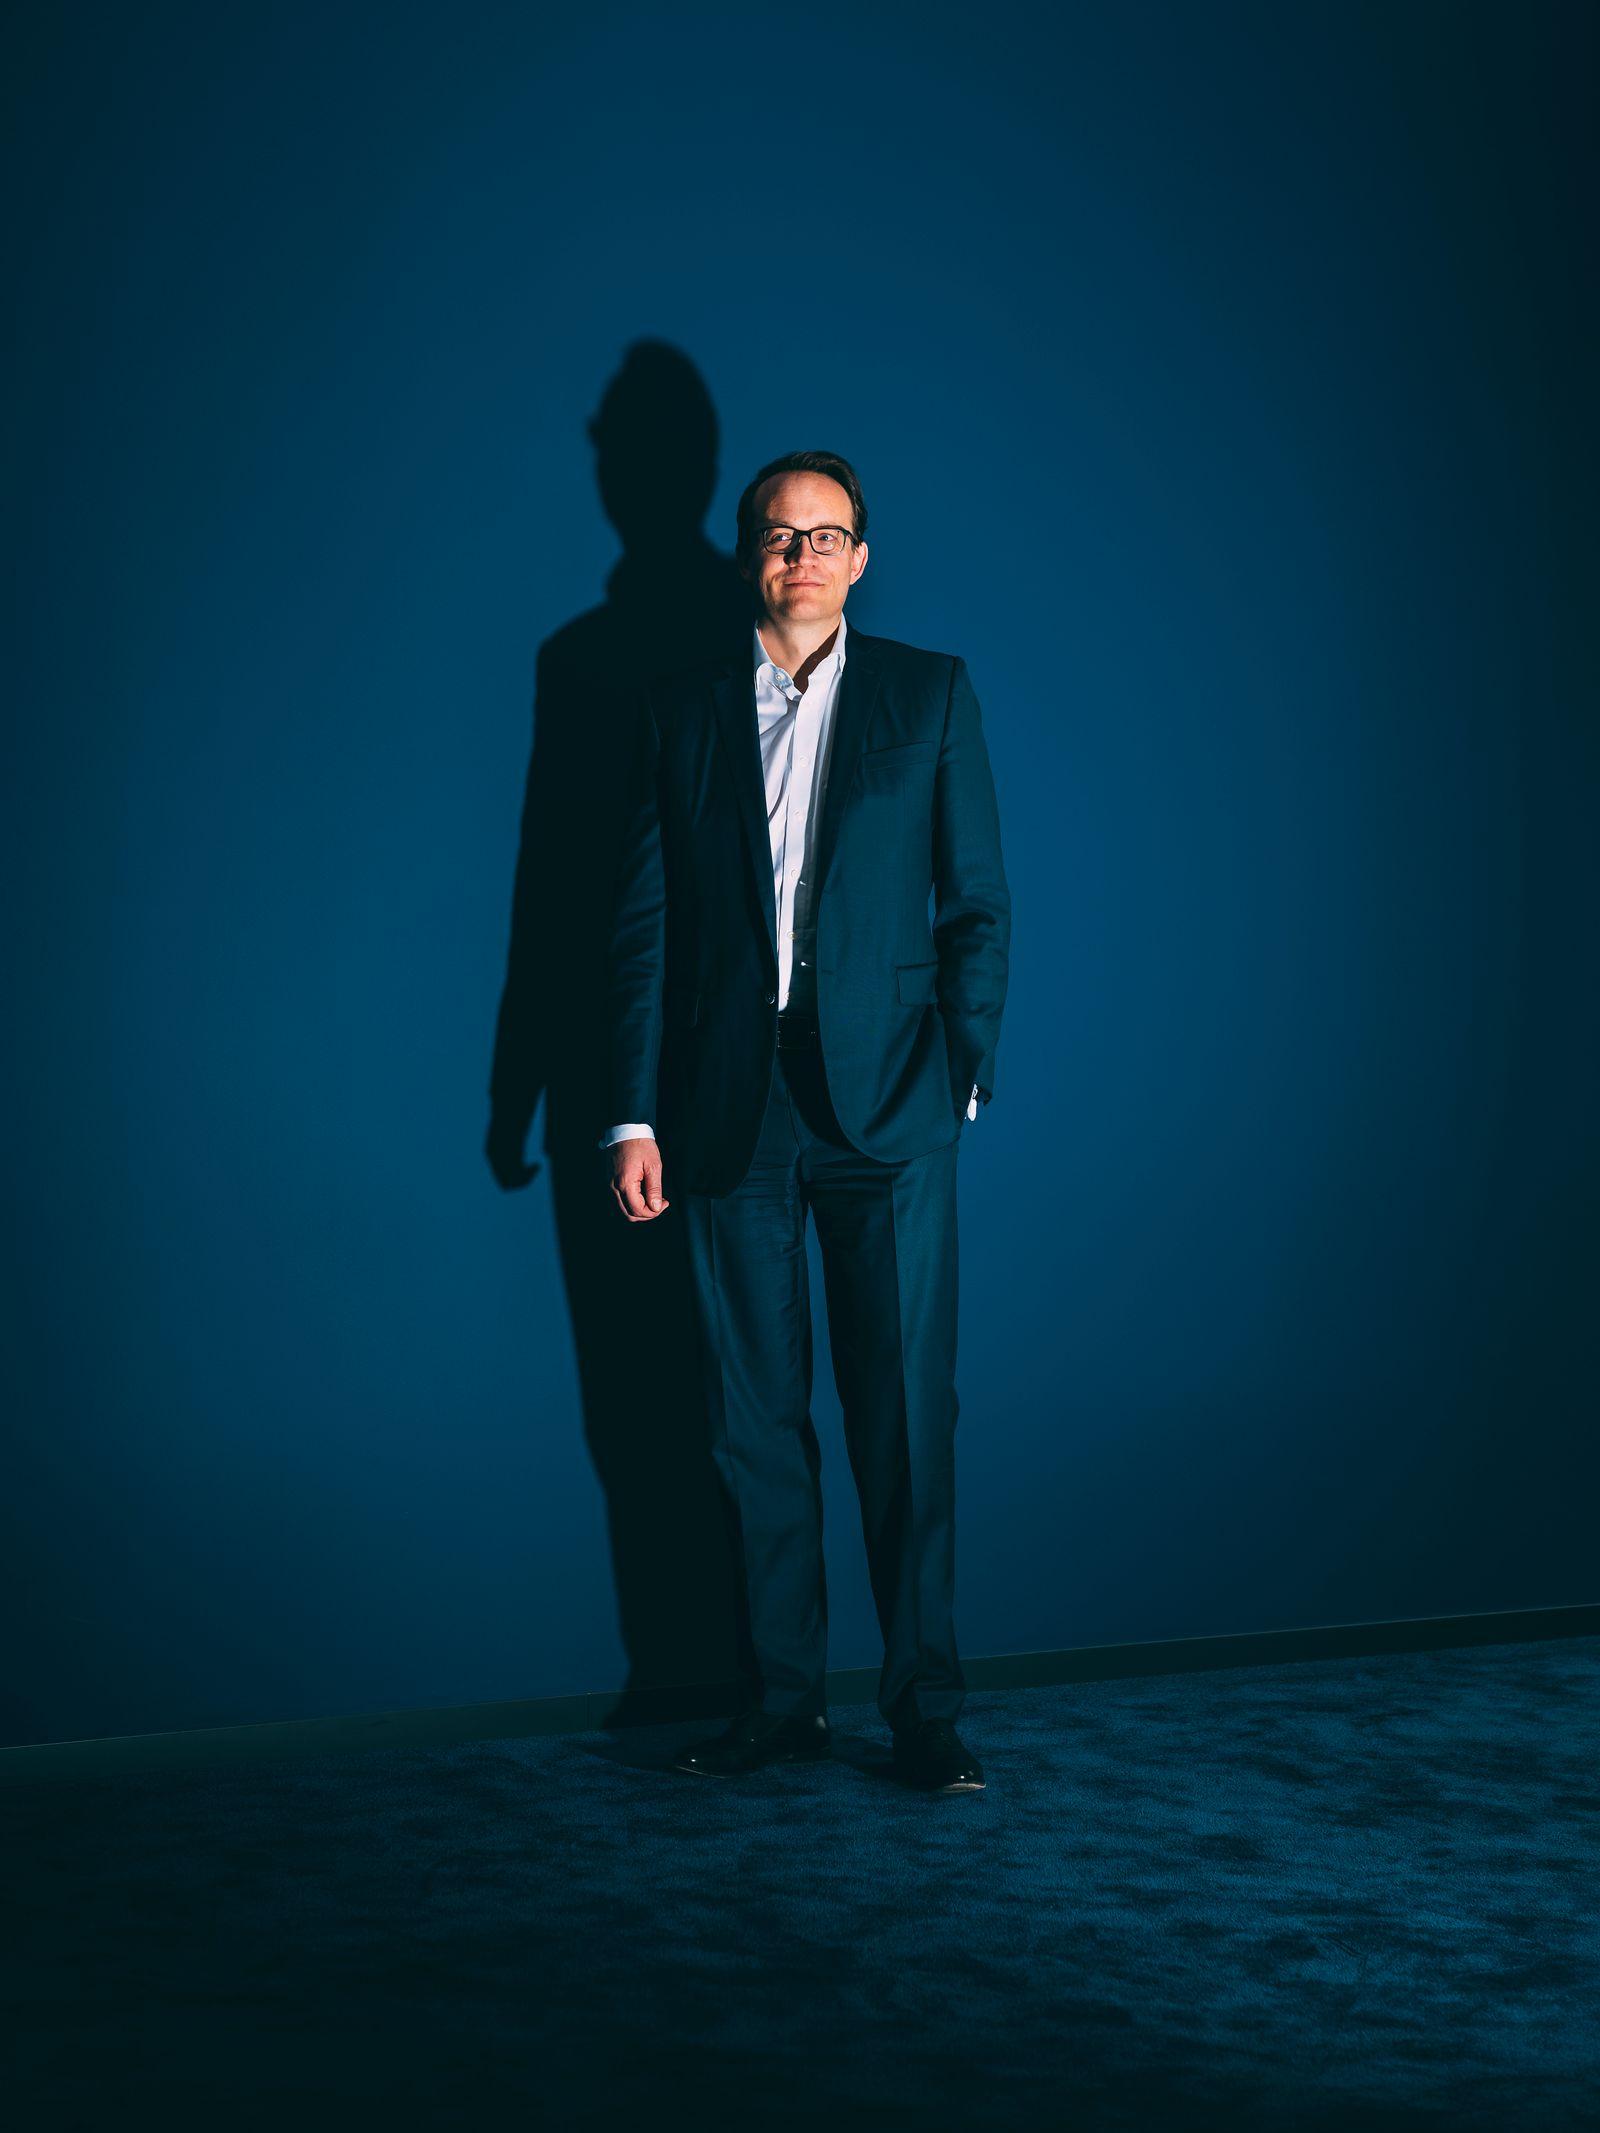 RWE CEO Markus Krebber